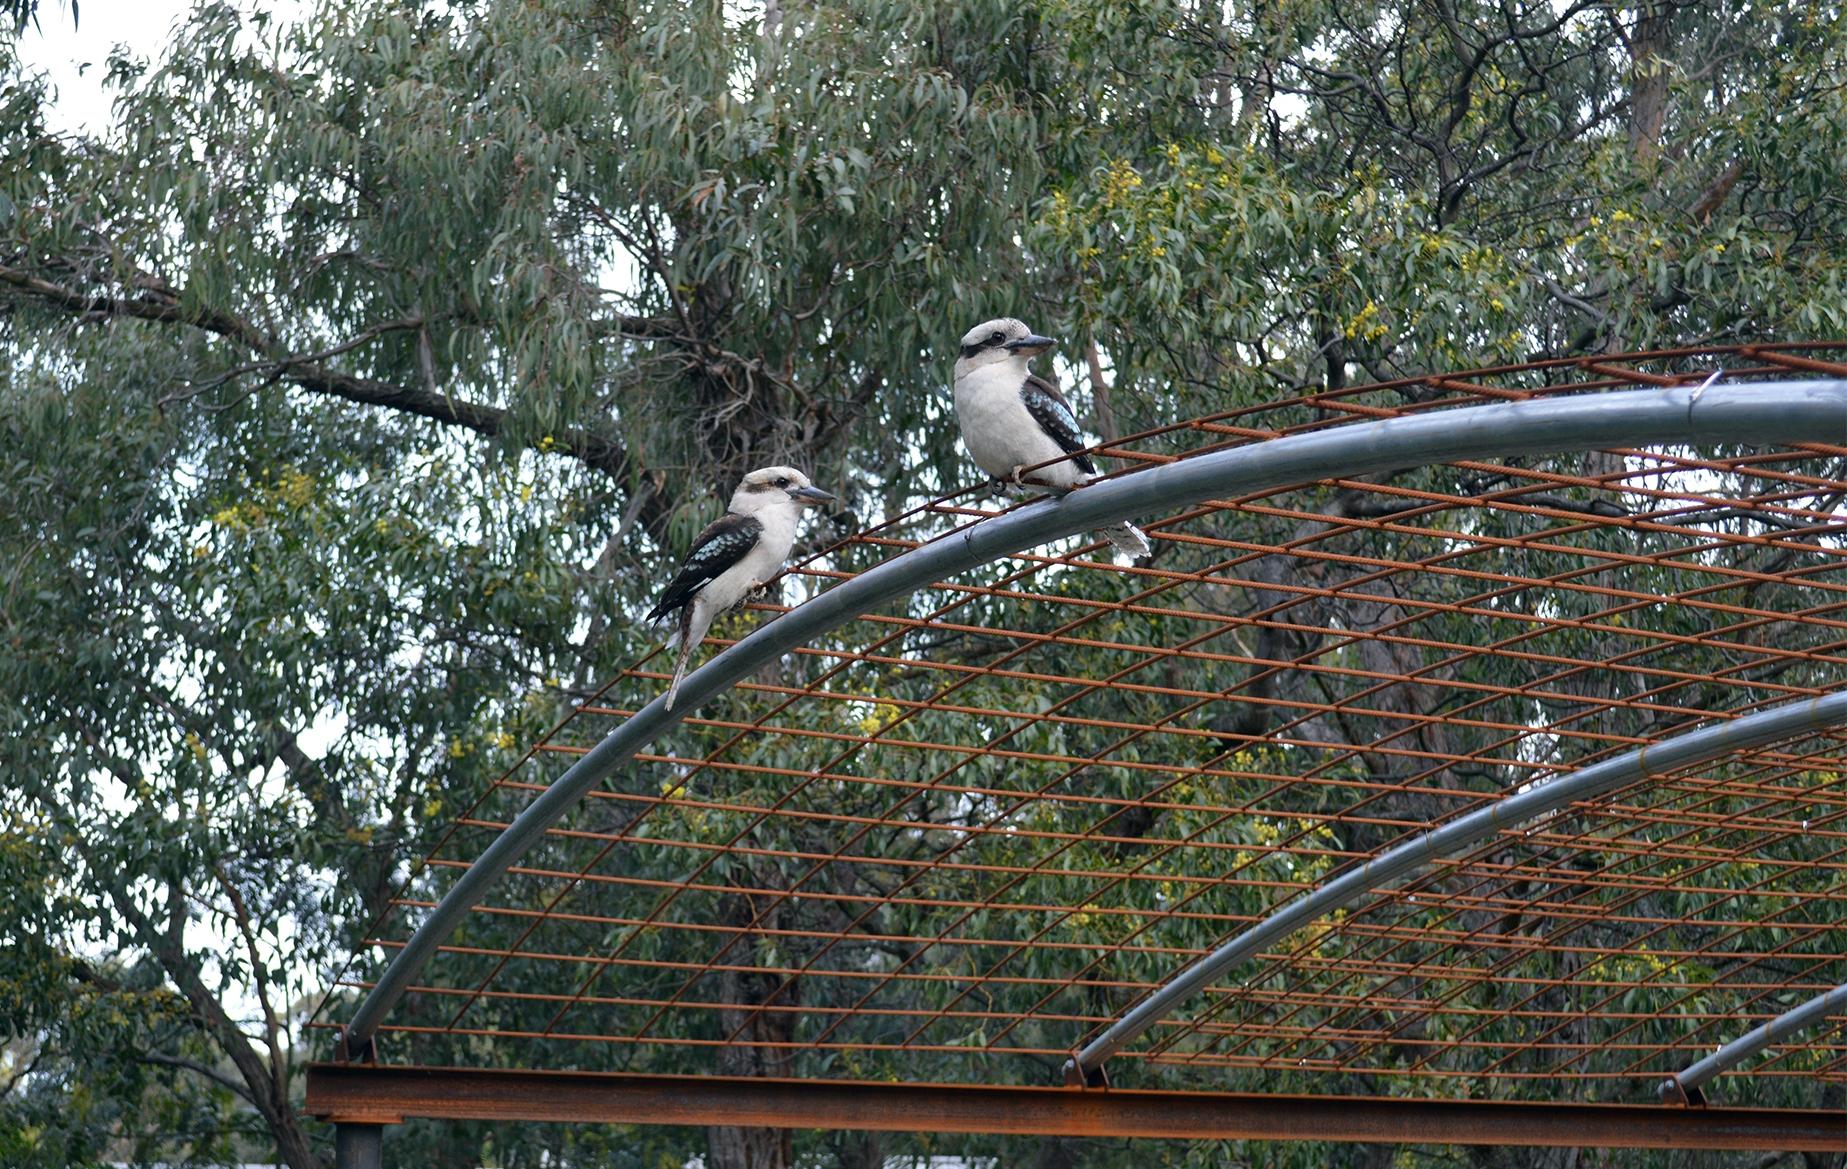 kookaburra_2.jpg